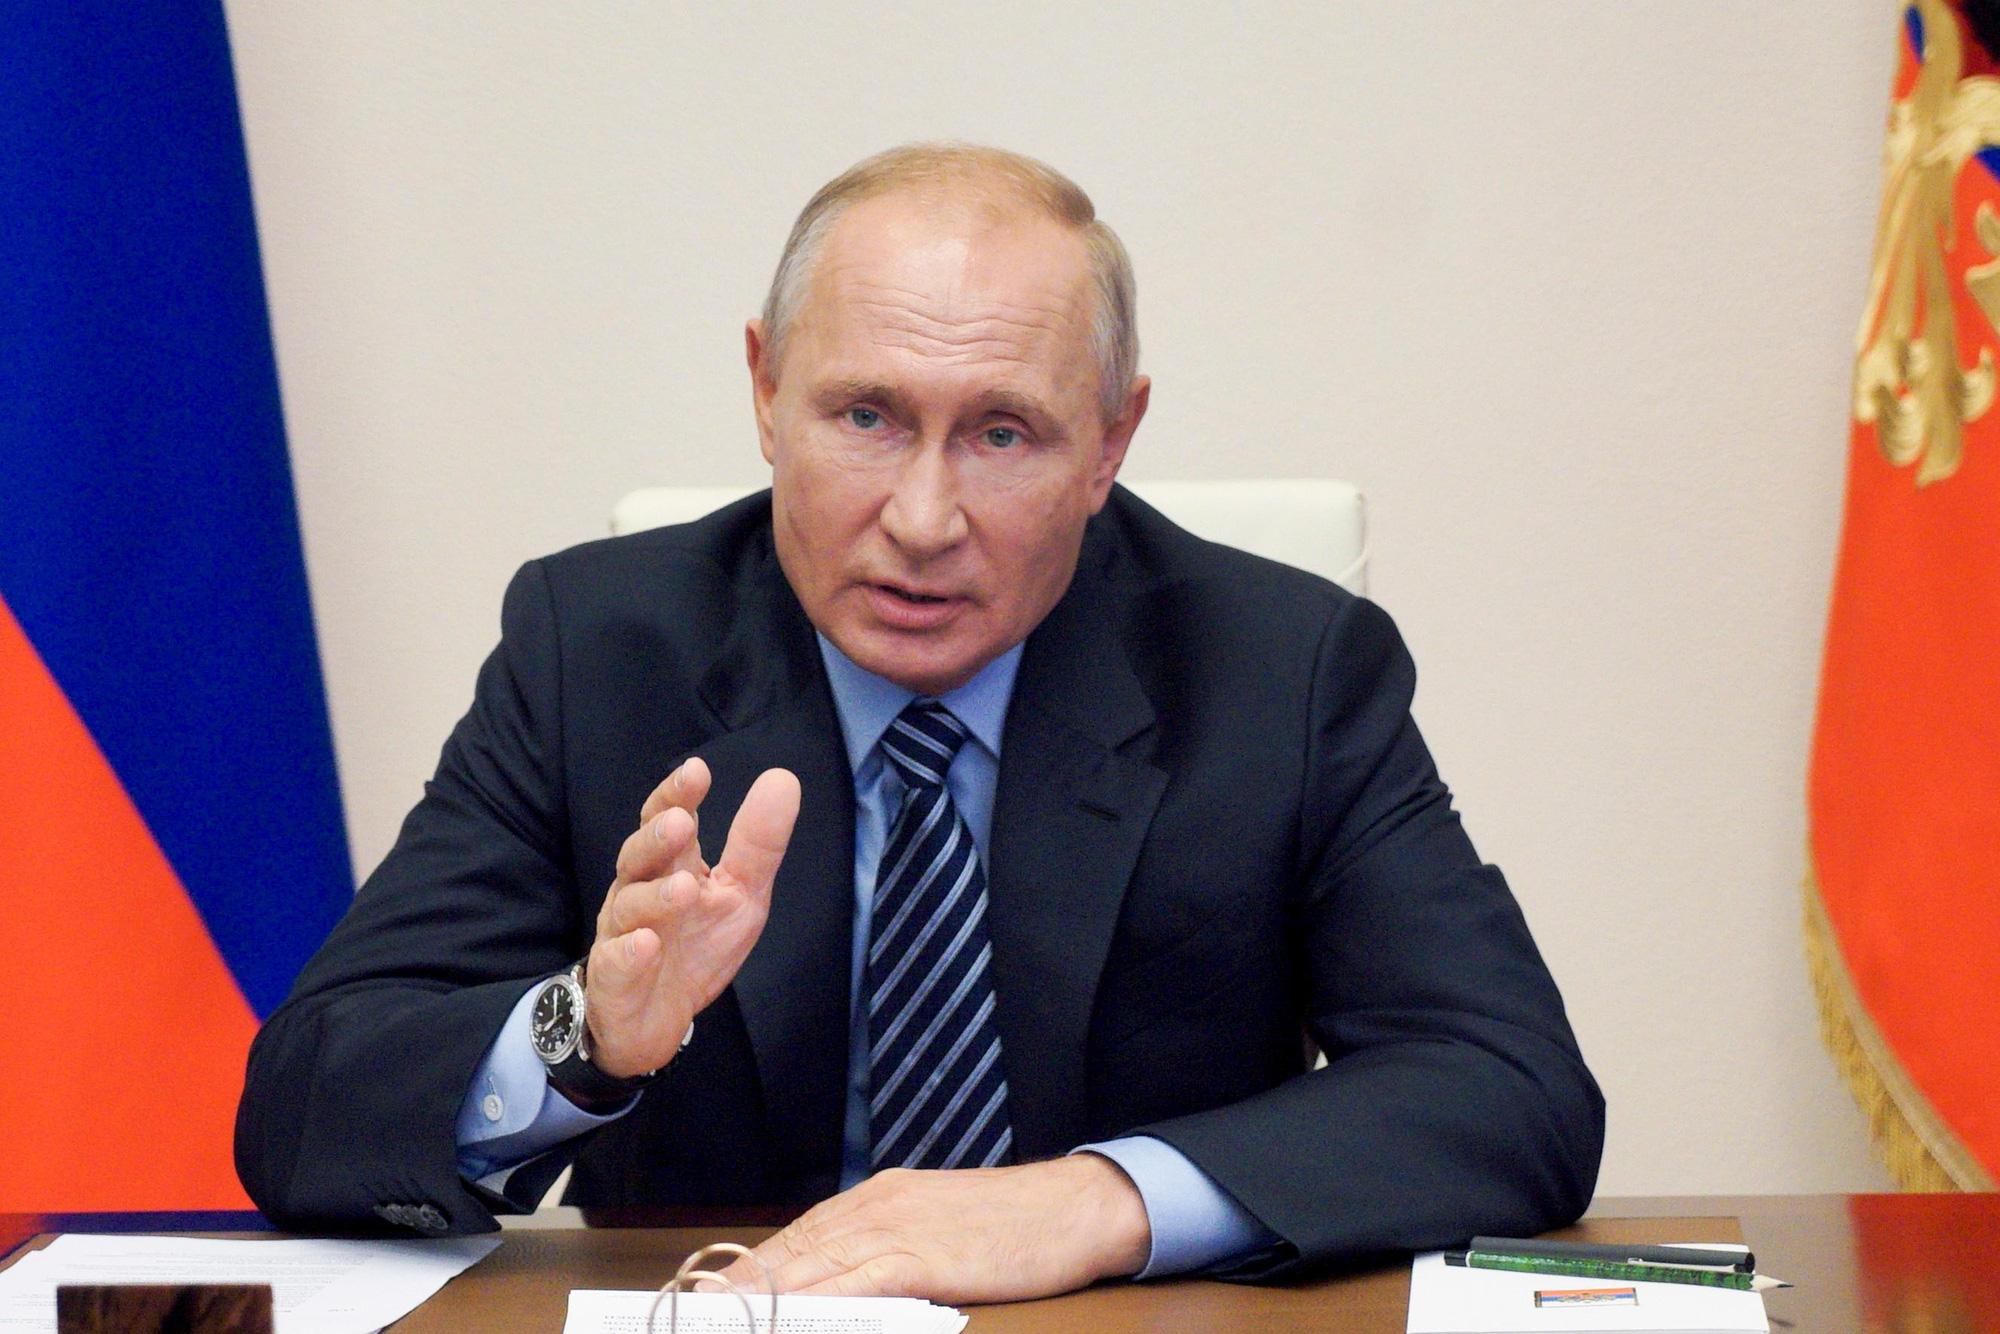 Bầu cử Mỹ: ông Putin bất ngờ lên tiếng bênh vực ứng viên Biden - Ảnh 1.